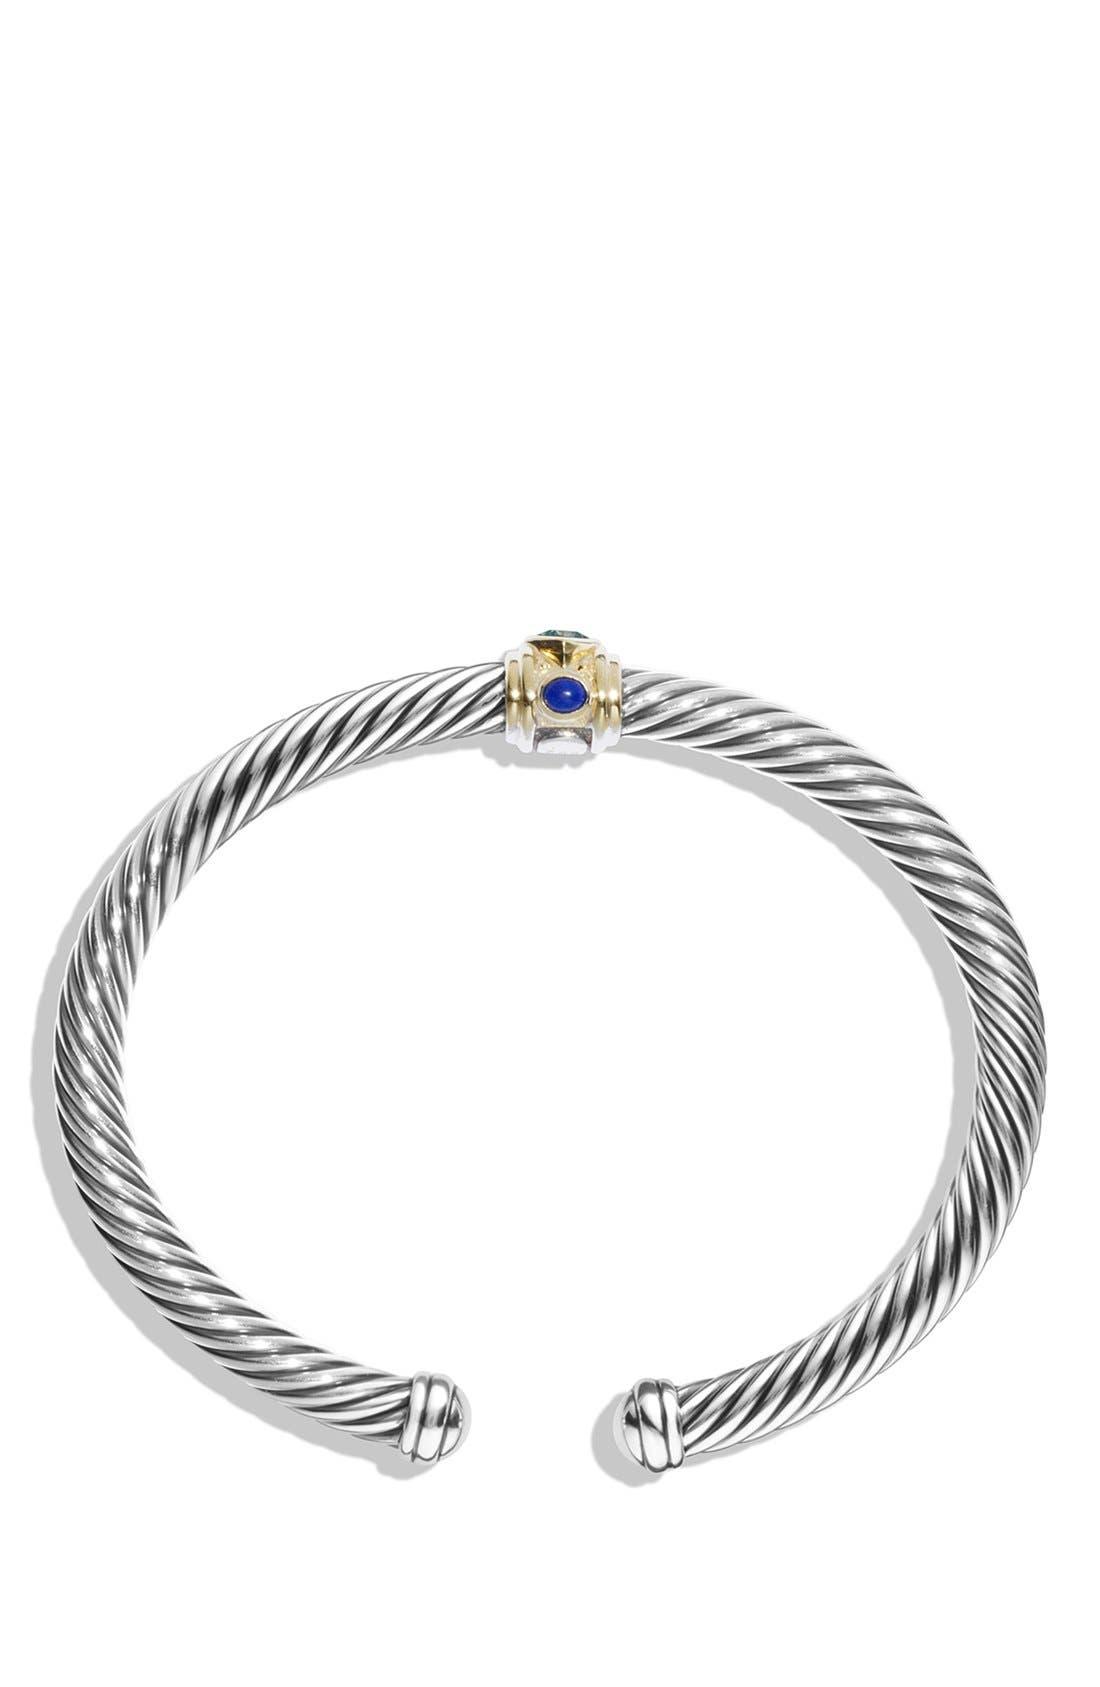 Renaissance Bracelet with Semiprecious Stones & 14K Gold, 5mm,                             Alternate thumbnail 2, color,                             BLUE TOPAZ